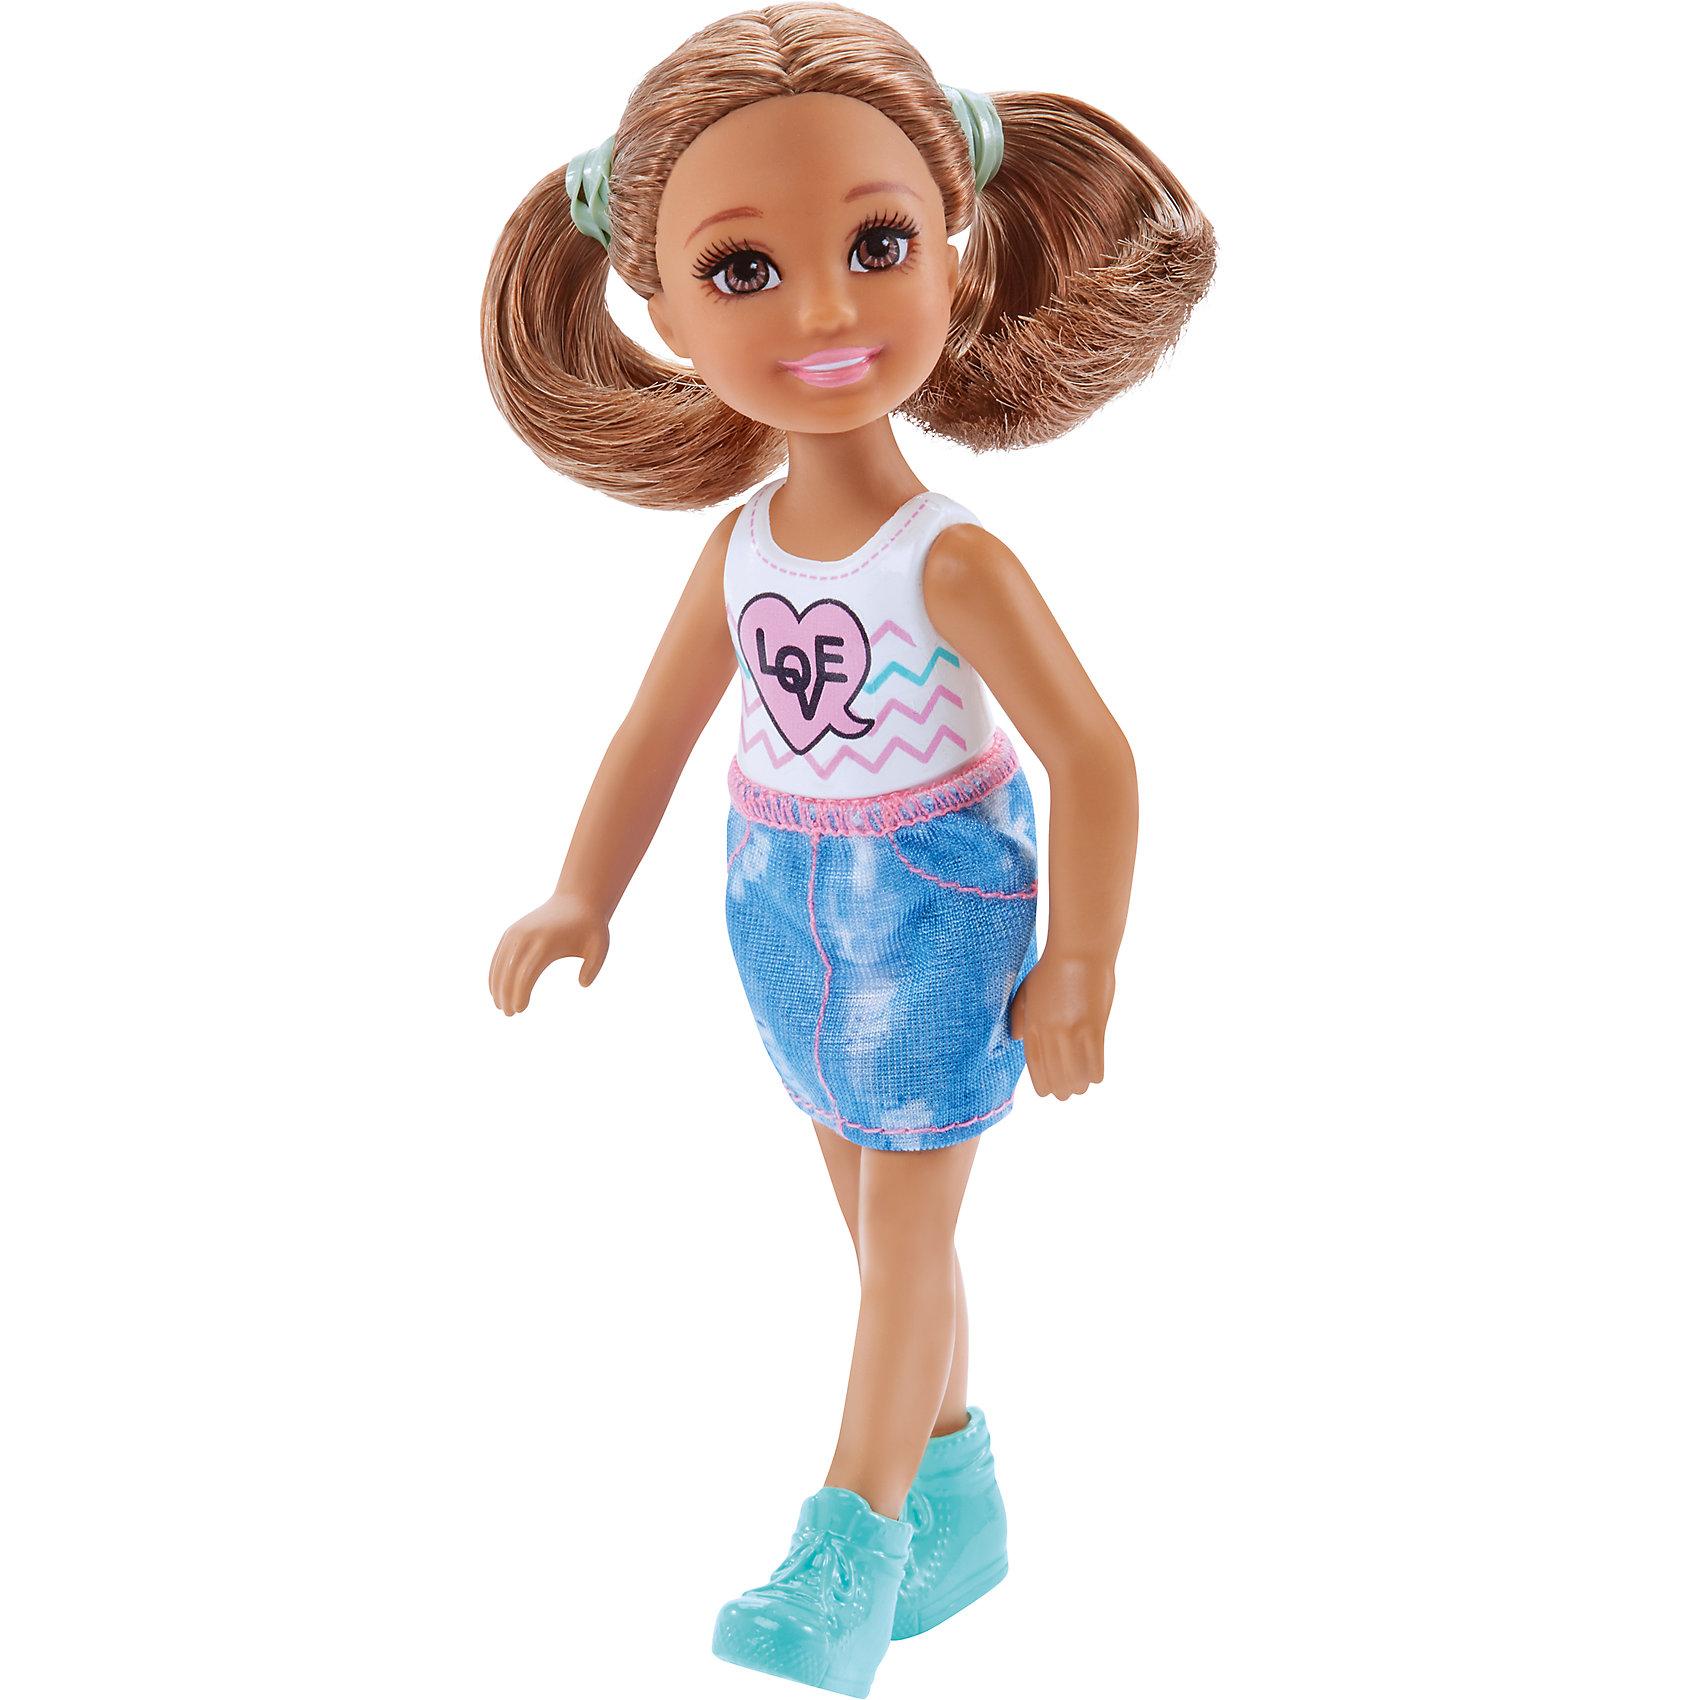 Кукла-Челси, BarbieBarbie<br>Характеристики товара:<br><br>• комплектация: 1 кукла, одежда, аксессуар<br>• материал: пластик, полимер, текстиль<br>• подвижные части тела<br>• высота куклы: 13,5 см<br>• длинные волосы<br>• возраст: от трех лет<br>• размер упаковки: 16х9х4 см<br>• вес: 0,3 кг<br>• страна бренда: США<br><br>Маленьких любительниц куклы Barbie наверняка порадует малышка Челси в новом образе. Она выглядит очаровательно в ярком наряде. Длинные волосы позволяют делать разнообразные прически! Кукла дополнена аксессуаром, чтобы игры с ней стали разнообразнее. Эта Челси станет великолепным подарком для девочек!<br><br>Игры с куклами помогают развить у девочек вкус и чувство стиля, отработать сценарии поведения в обществе, развить воображение и мелкую моторику. Такую куклу удобно брать с собой в поездки и на прогулки. Маленькая Челси от бренда Mattel не перестает быть популярной! <br><br>Куклу Челси, Barbie, от компании Mattel можно купить в нашем интернет-магазине.<br><br>Ширина мм: 90<br>Глубина мм: 40<br>Высота мм: 160<br>Вес г: 73<br>Возраст от месяцев: 36<br>Возраст до месяцев: 120<br>Пол: Женский<br>Возраст: Детский<br>SKU: 5389670